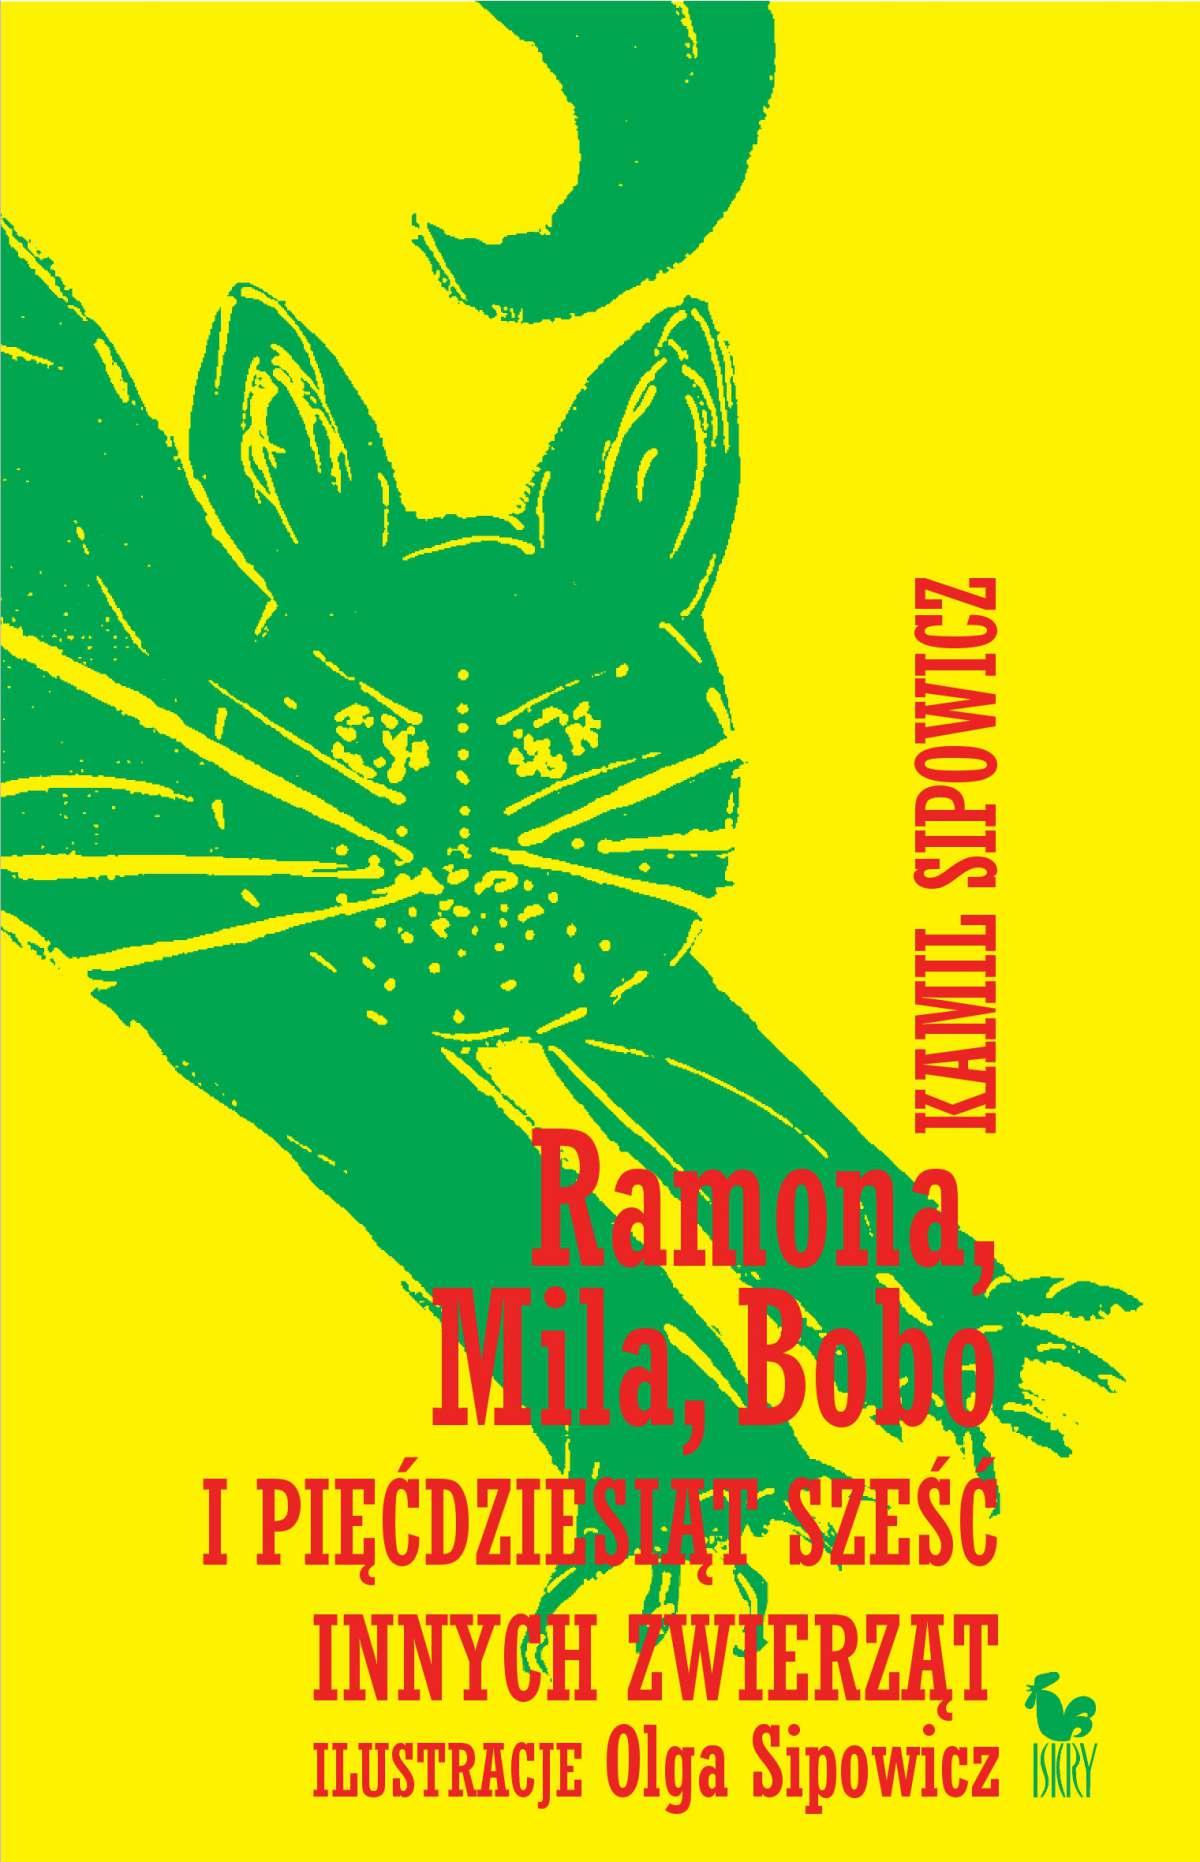 Ramona, Mila, Bobo i pięćdziesiąt sześć innych zwierząt - Ebook (Książka na Kindle) do pobrania w formacie MOBI